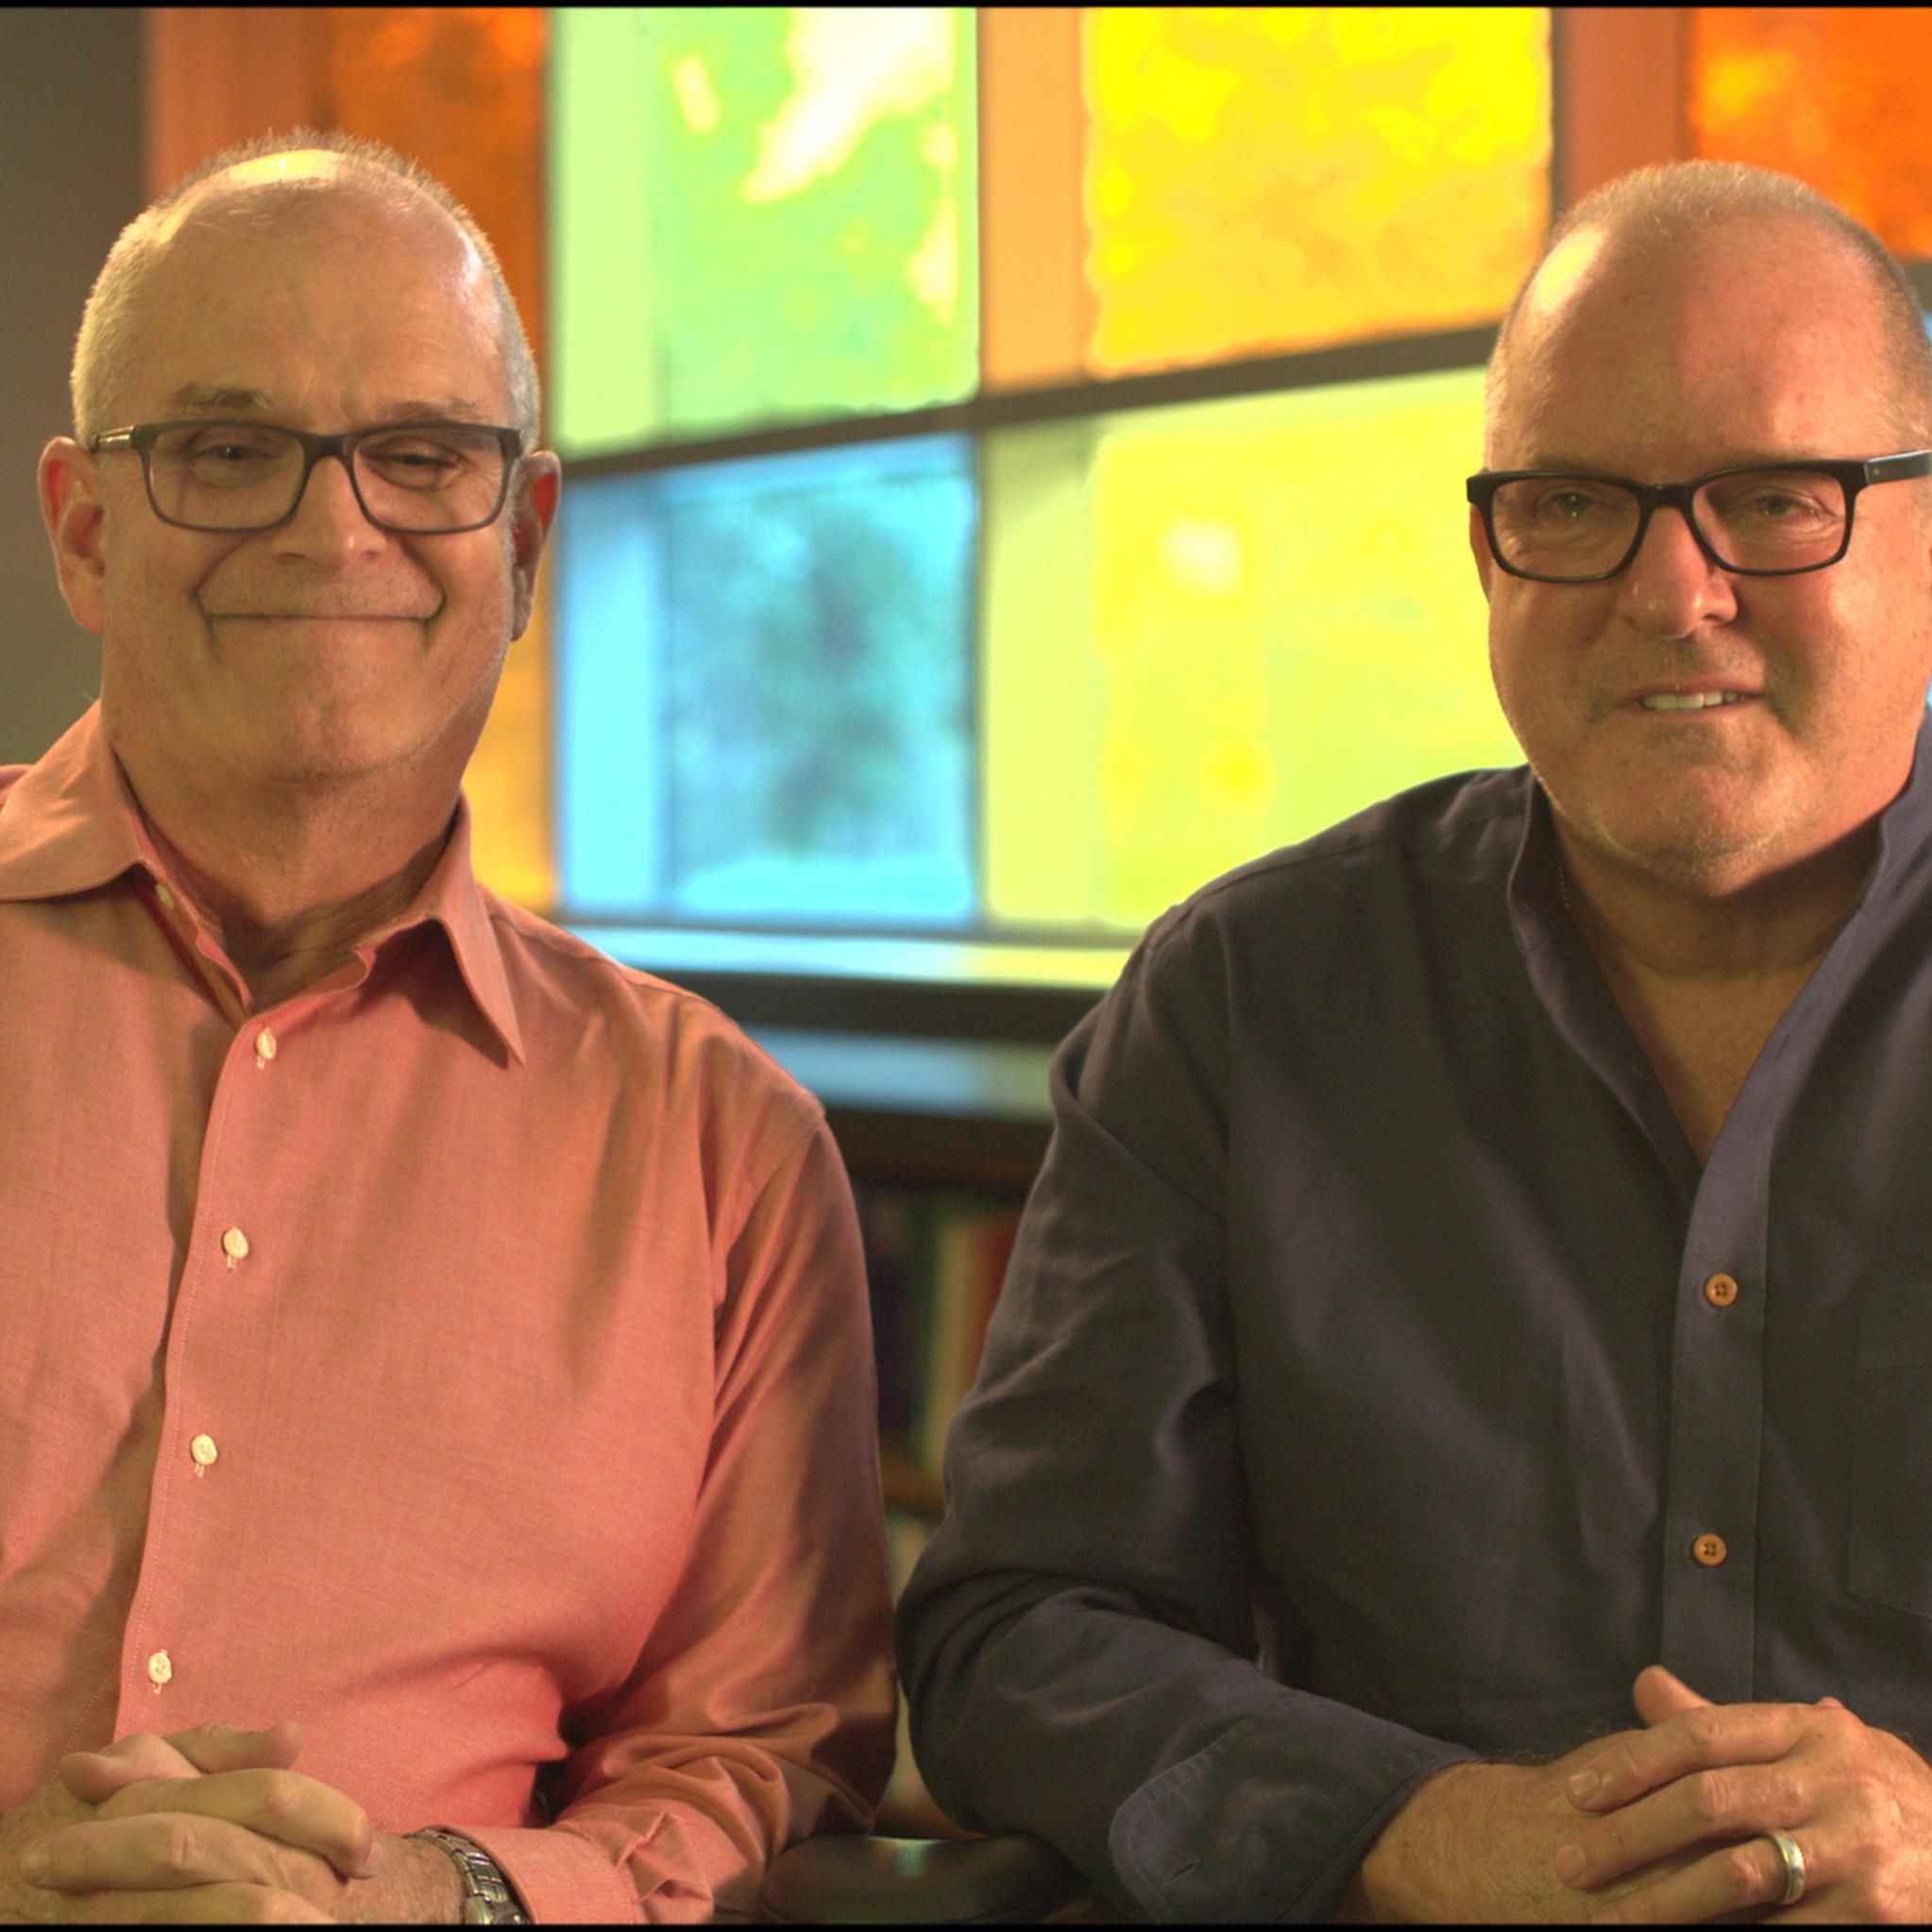 Mark Dirlam and Daniel Dovenbarger